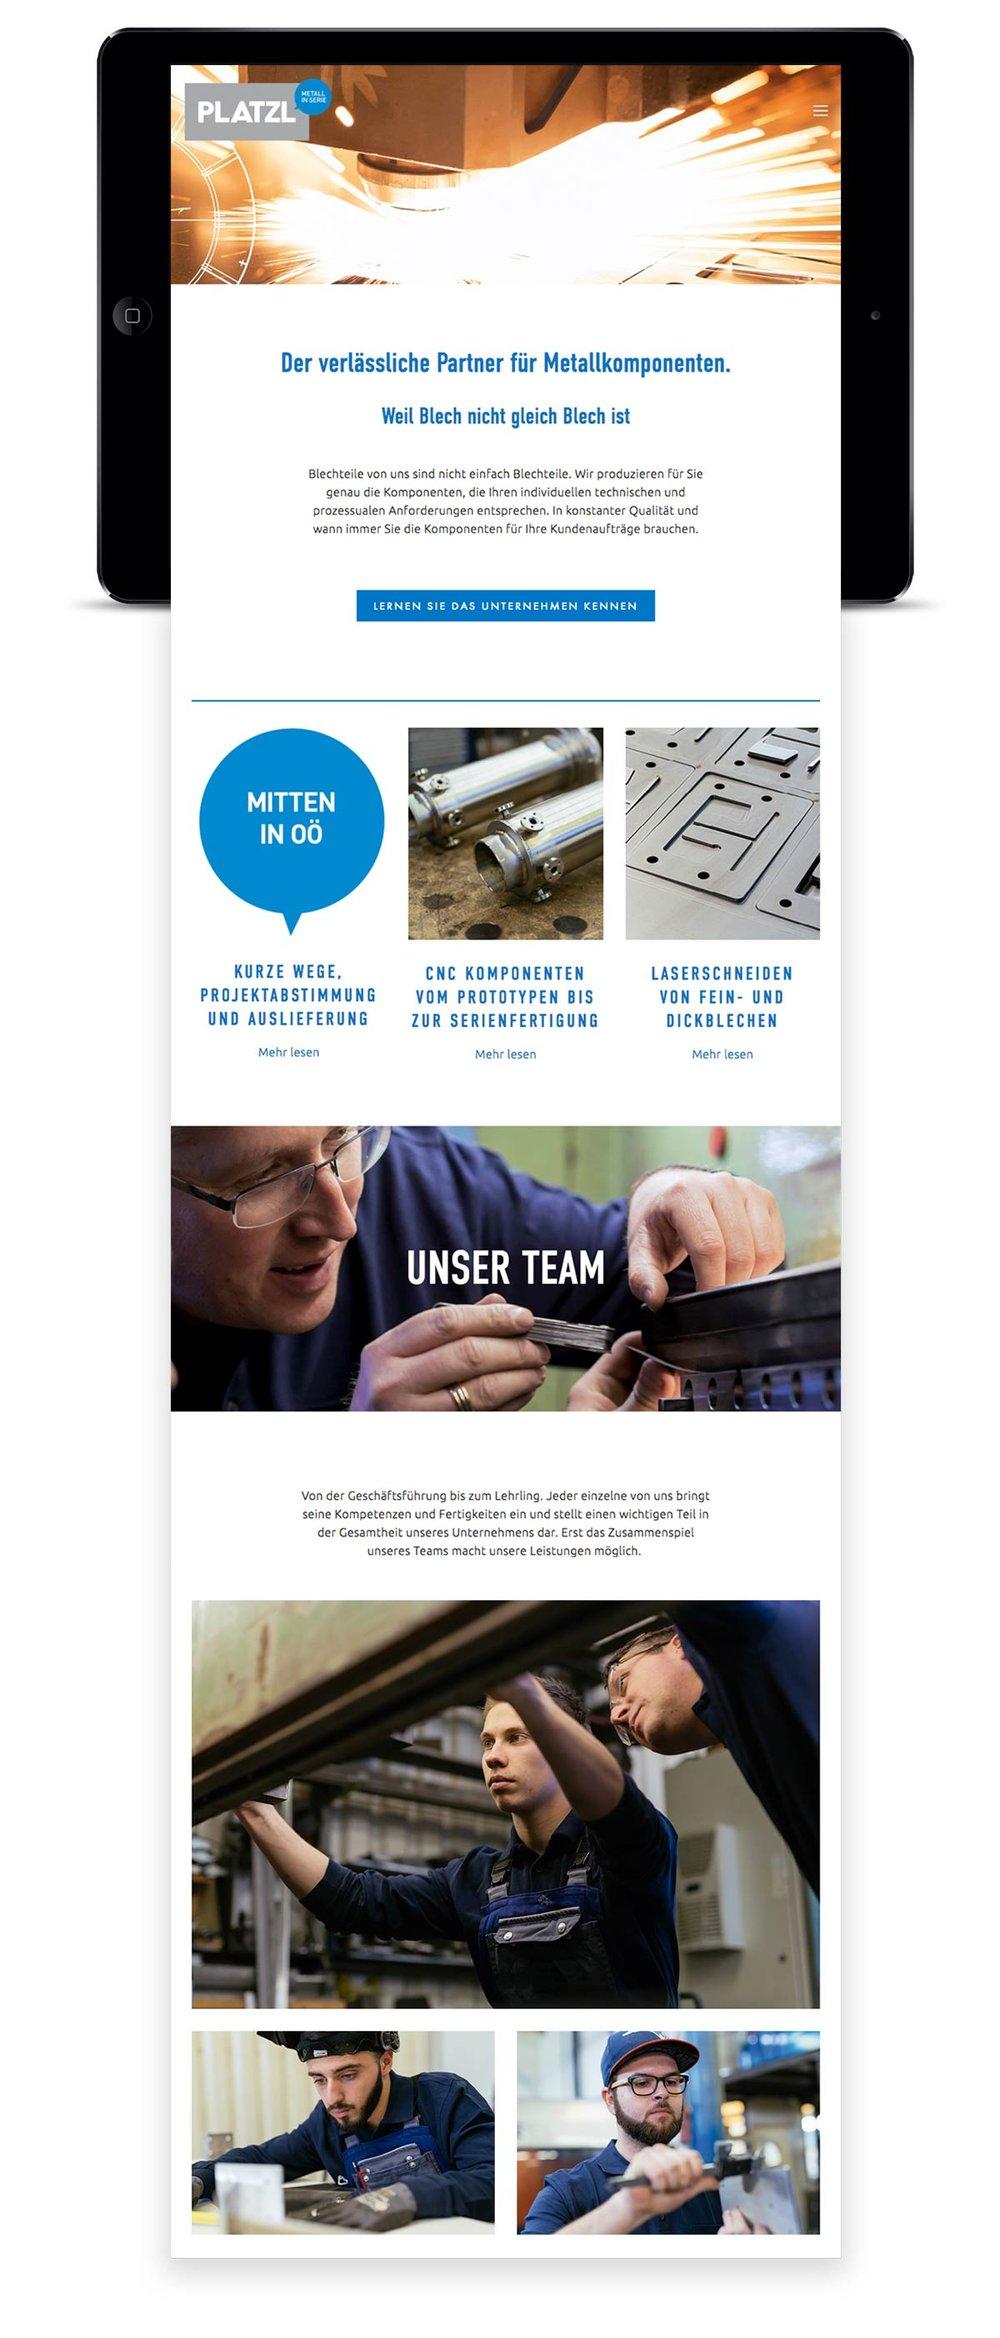 website-platzl-gmbh-designkitchen.jpg